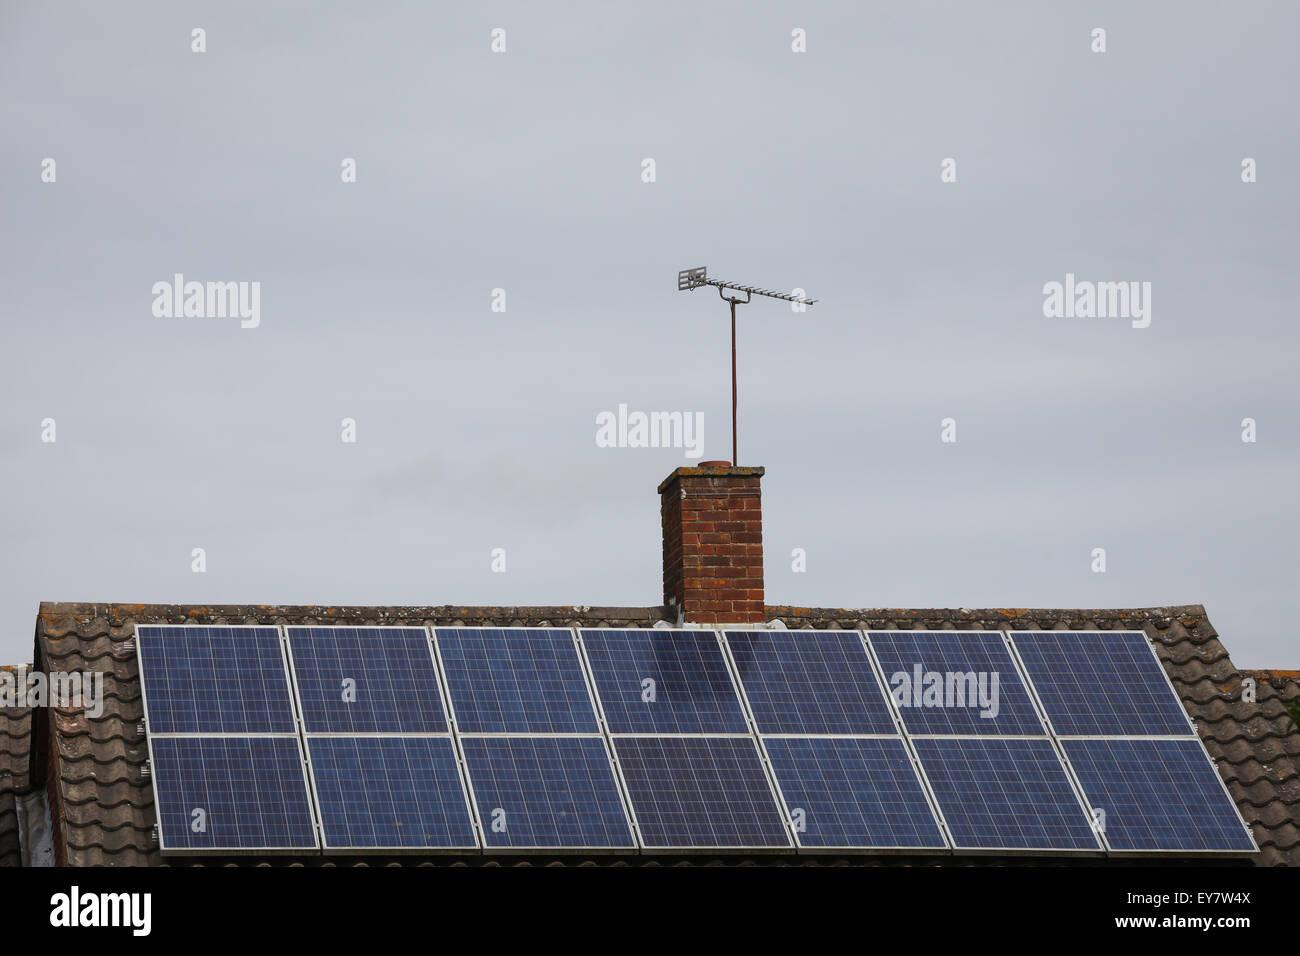 Sonnenkollektoren auf dem Dach eines Hauses an einem grauen, bewölkten Tag nicht viel Energie erzeugen Stockbild